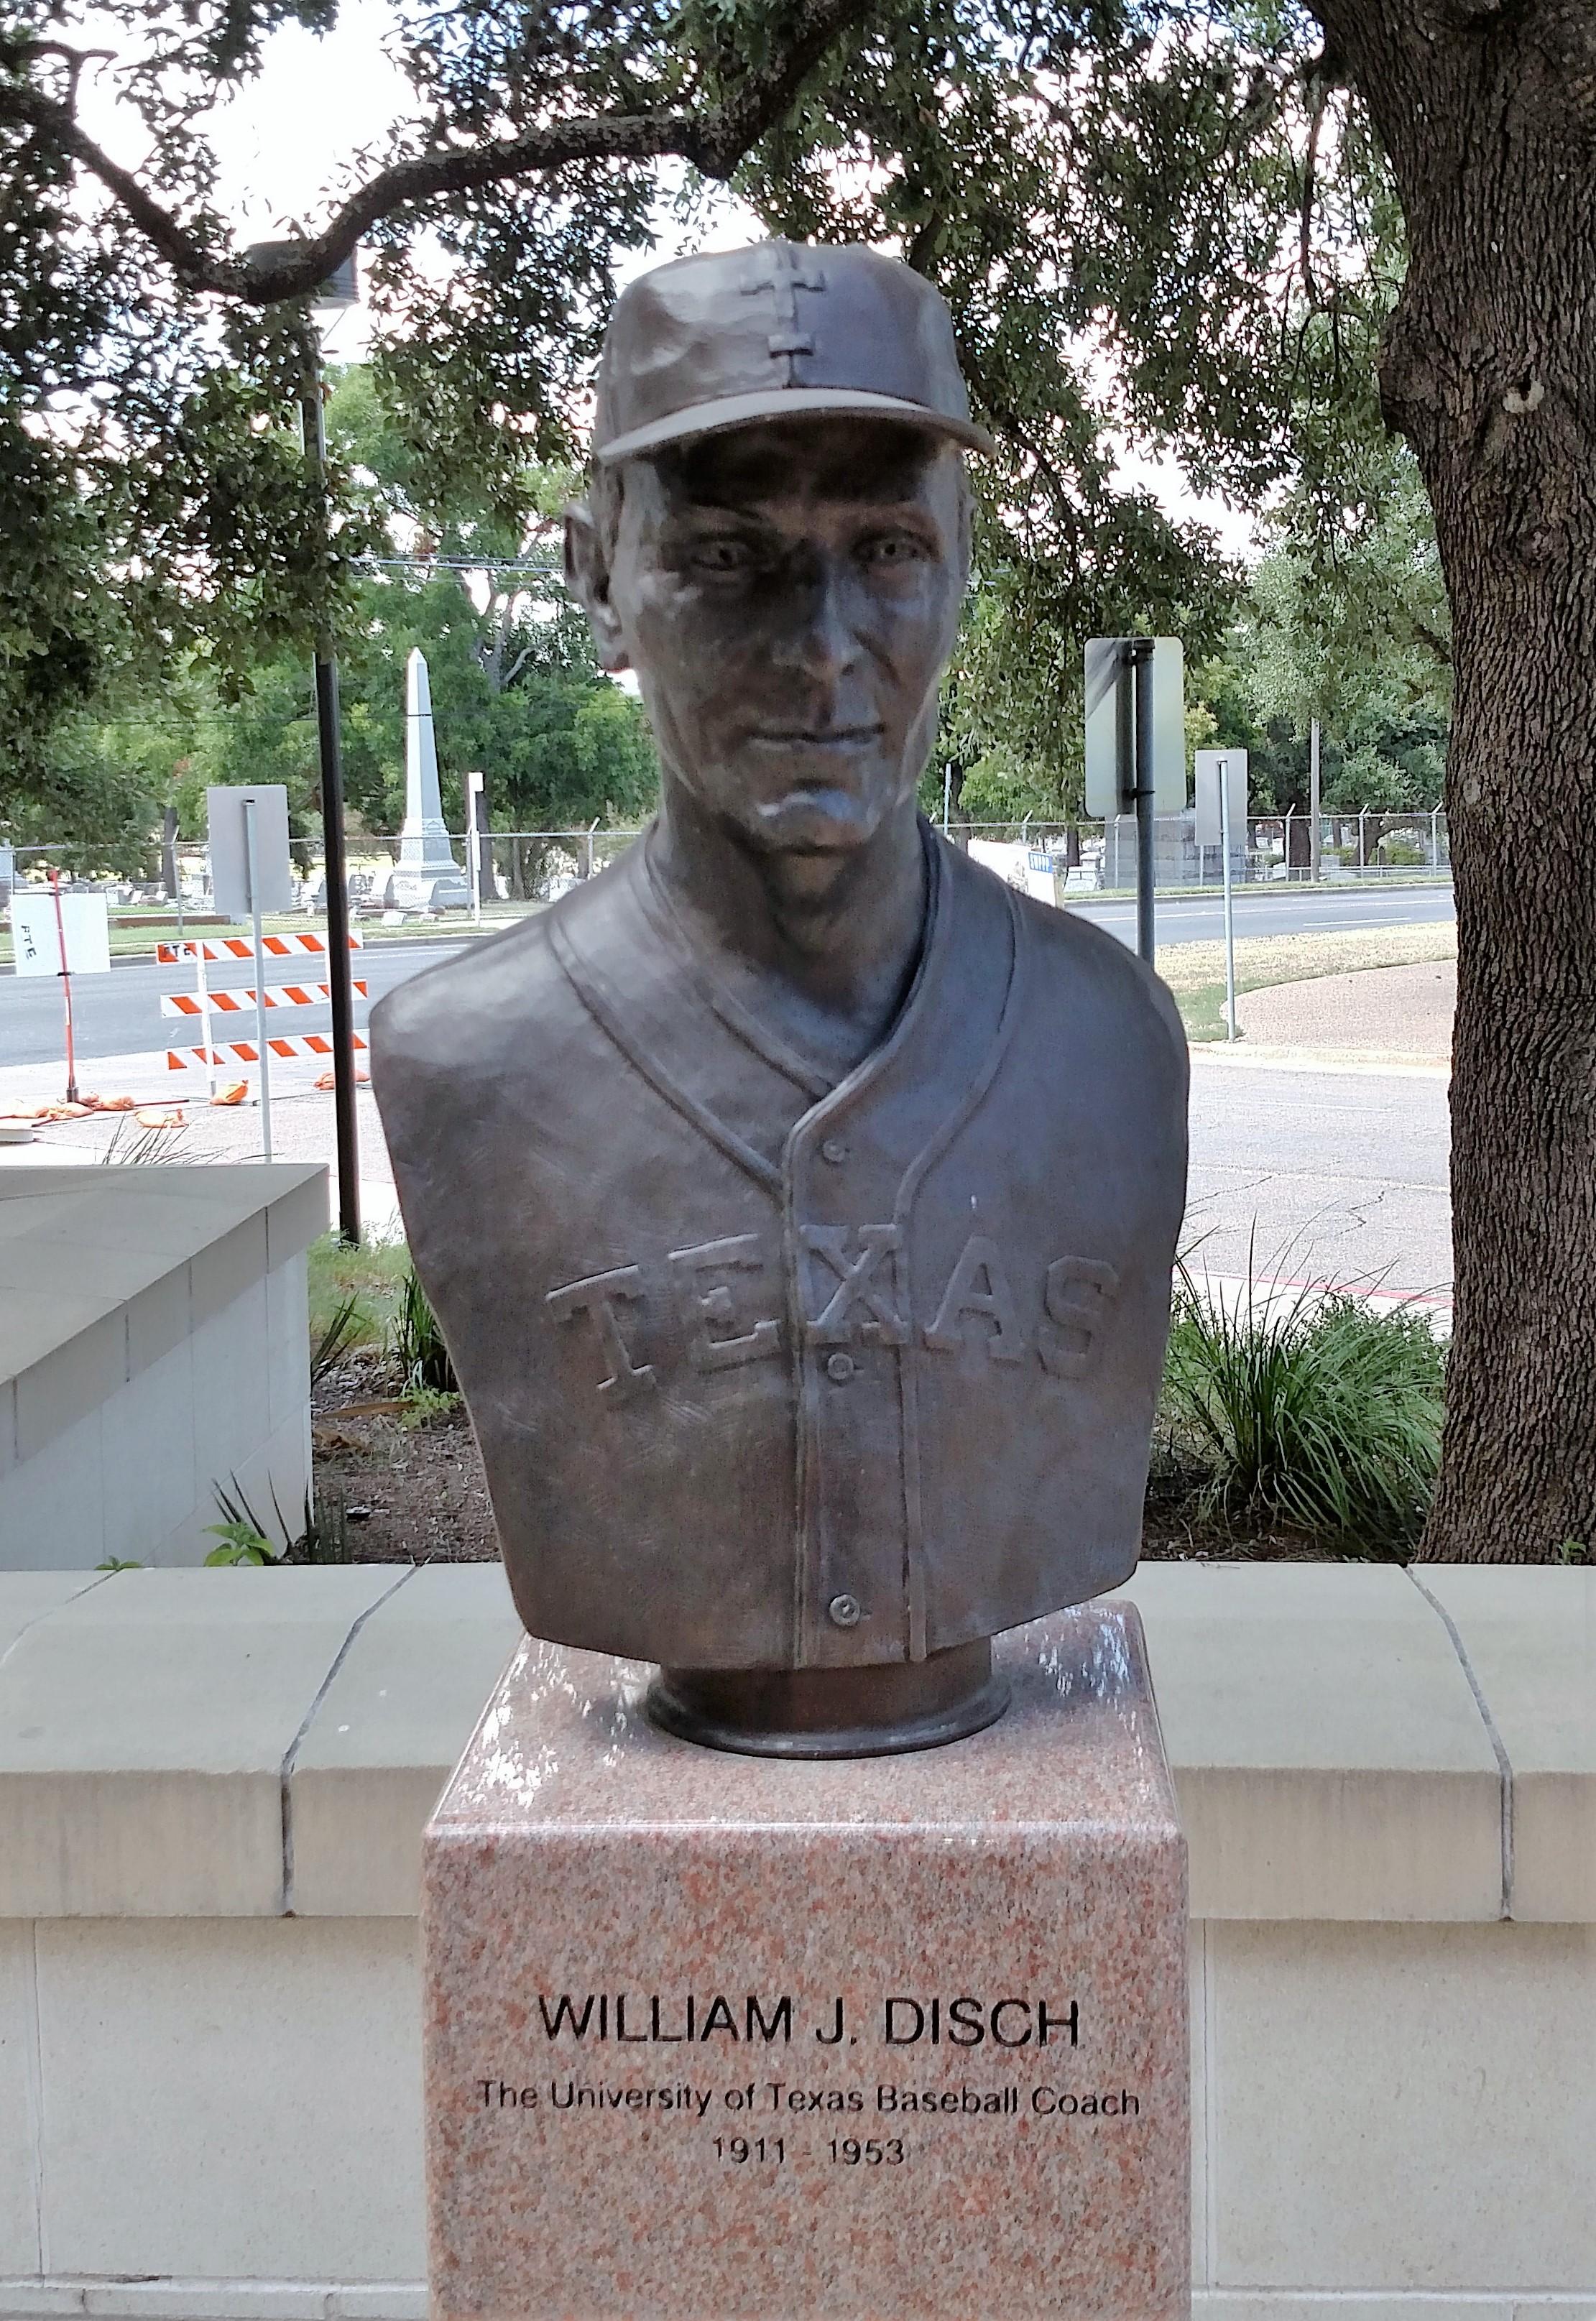 Statute of Coach Disch